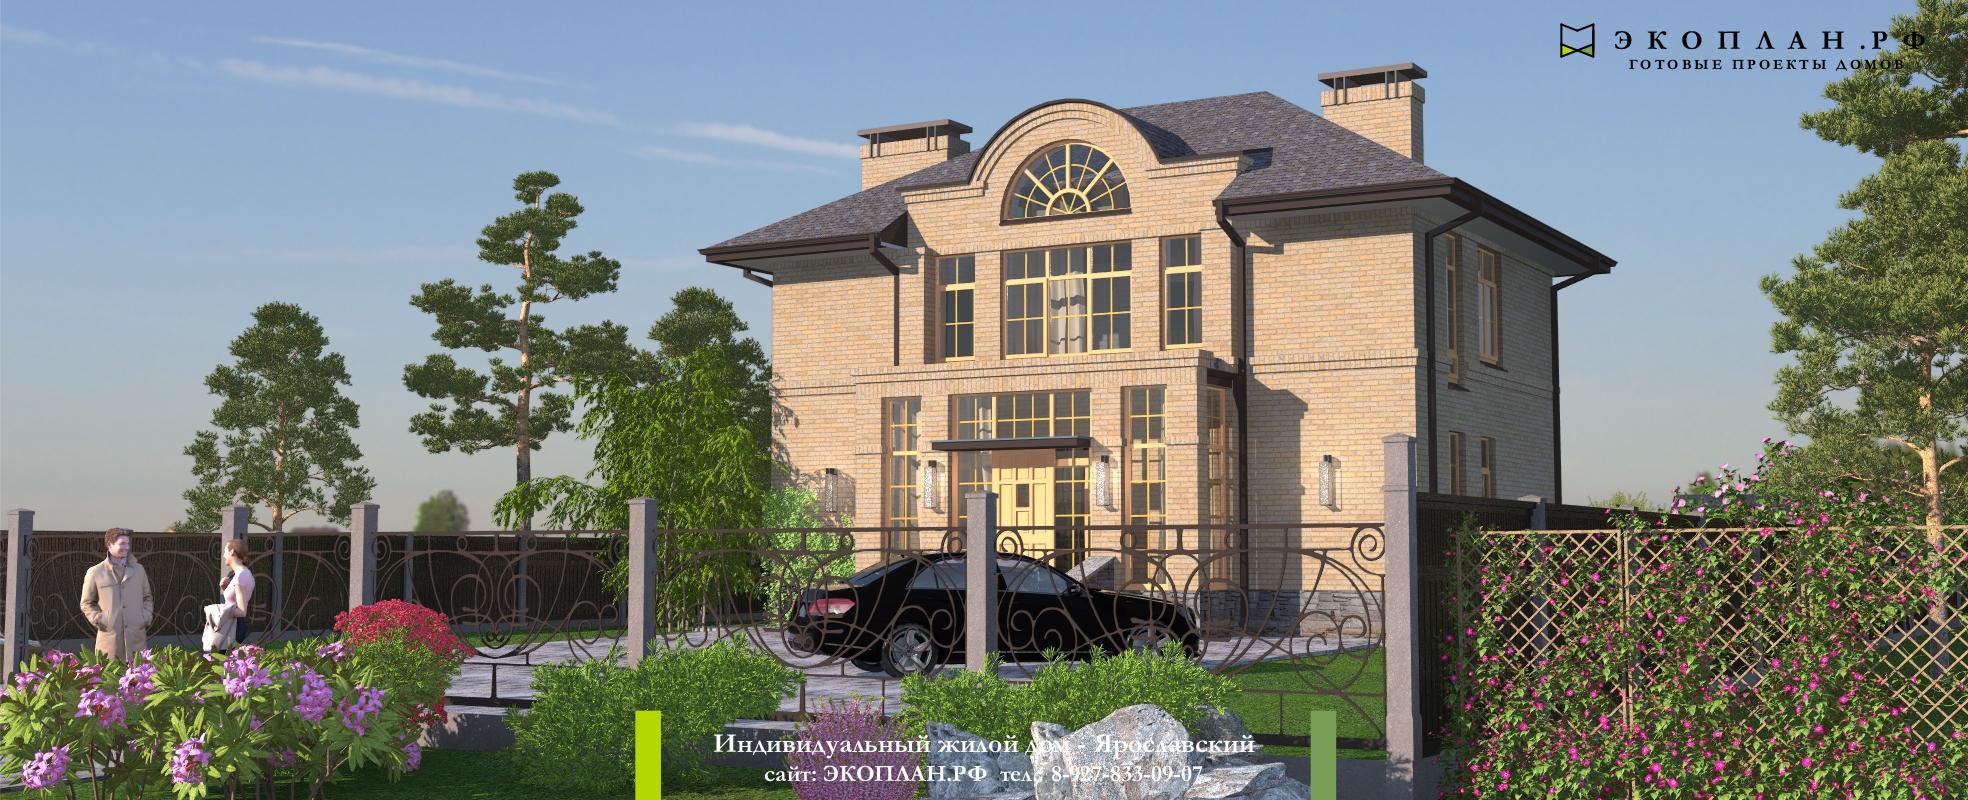 Ярославский - Готовый проект дома - Экоплан.рф фасад